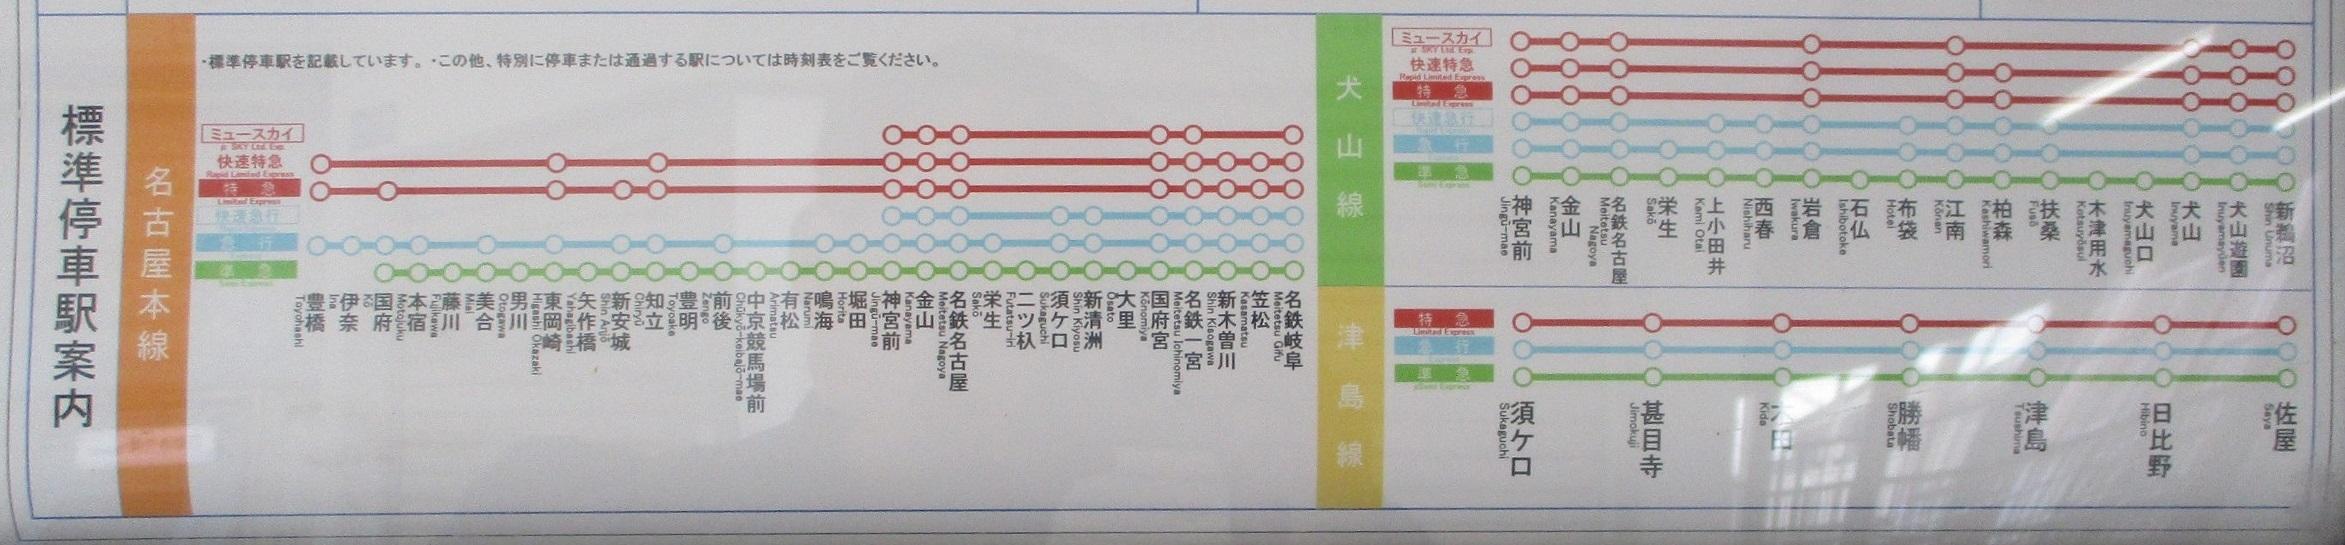 2019.12.5 (5) 矢作橋 - 標準停車駅案内(岐阜方面) 2345-545